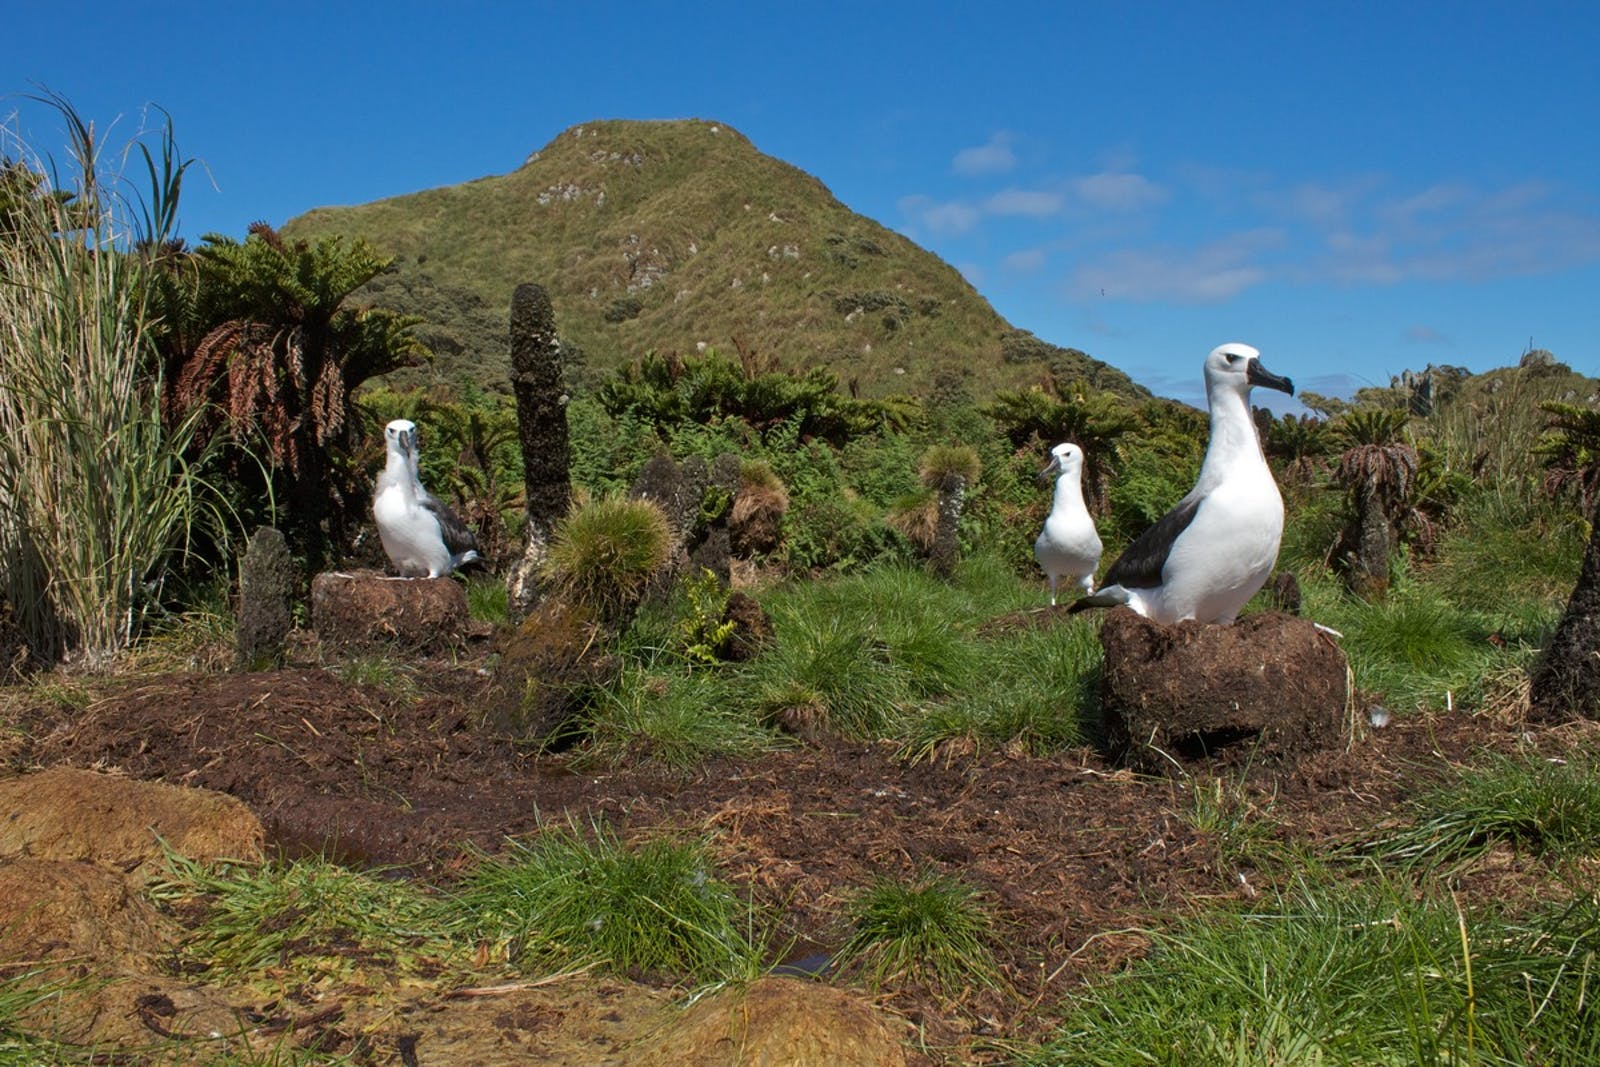 Tristan Da Cunha-Gough Islands Shrub and Grasslands